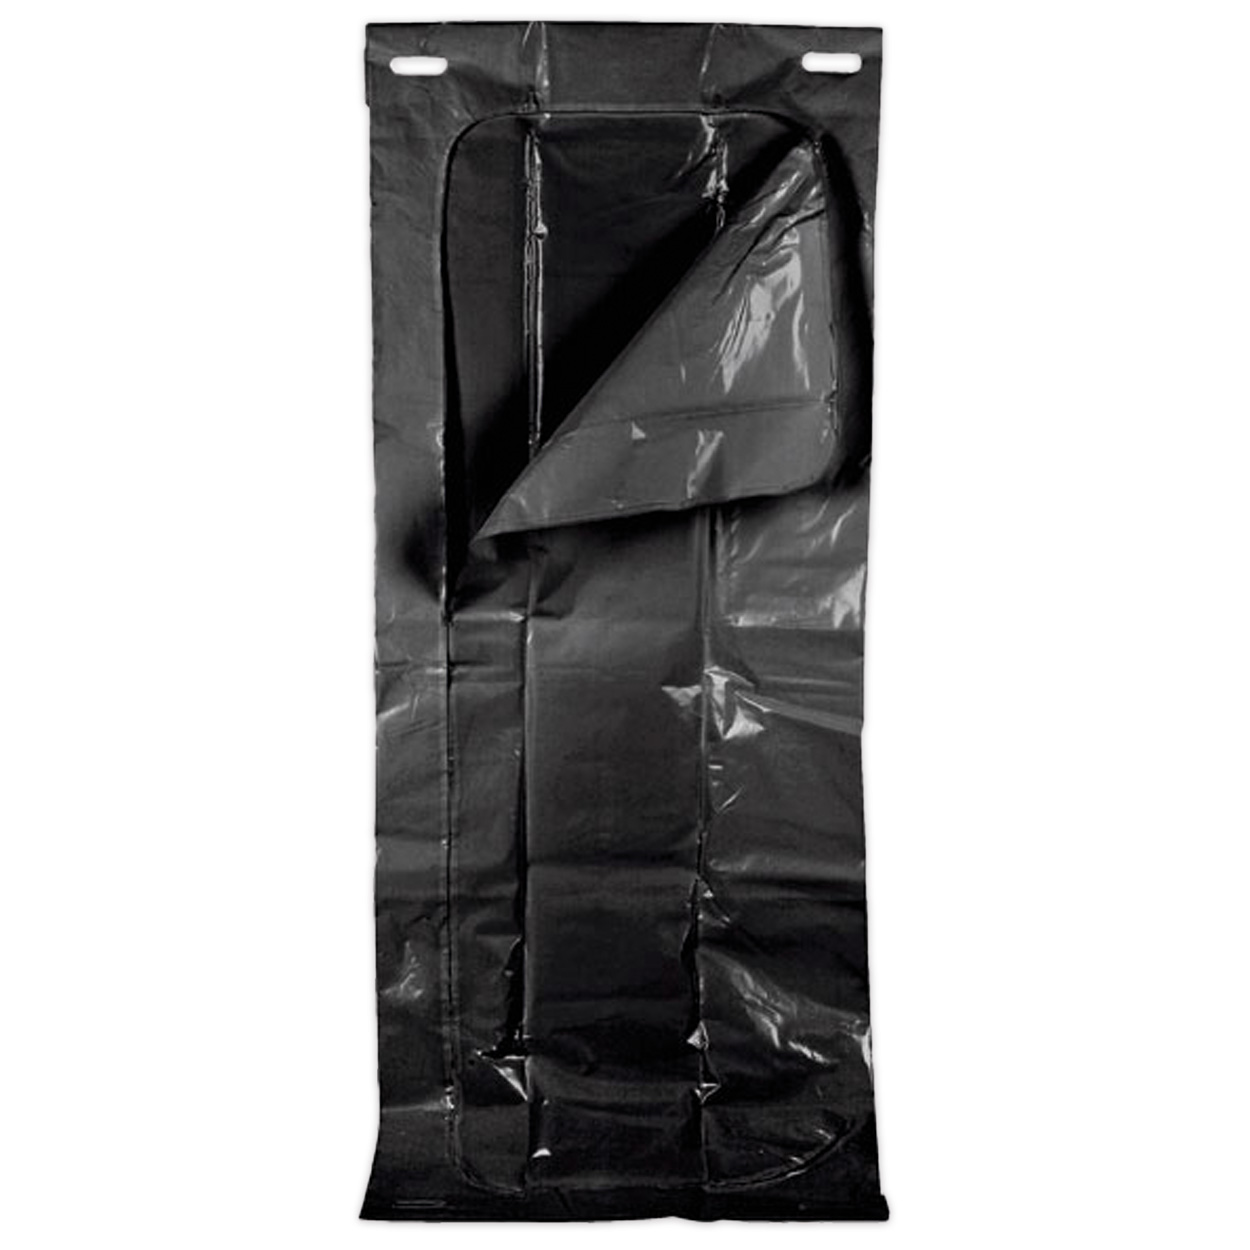 Leichenhülle Standard in schwarz, 234 x 90 cm